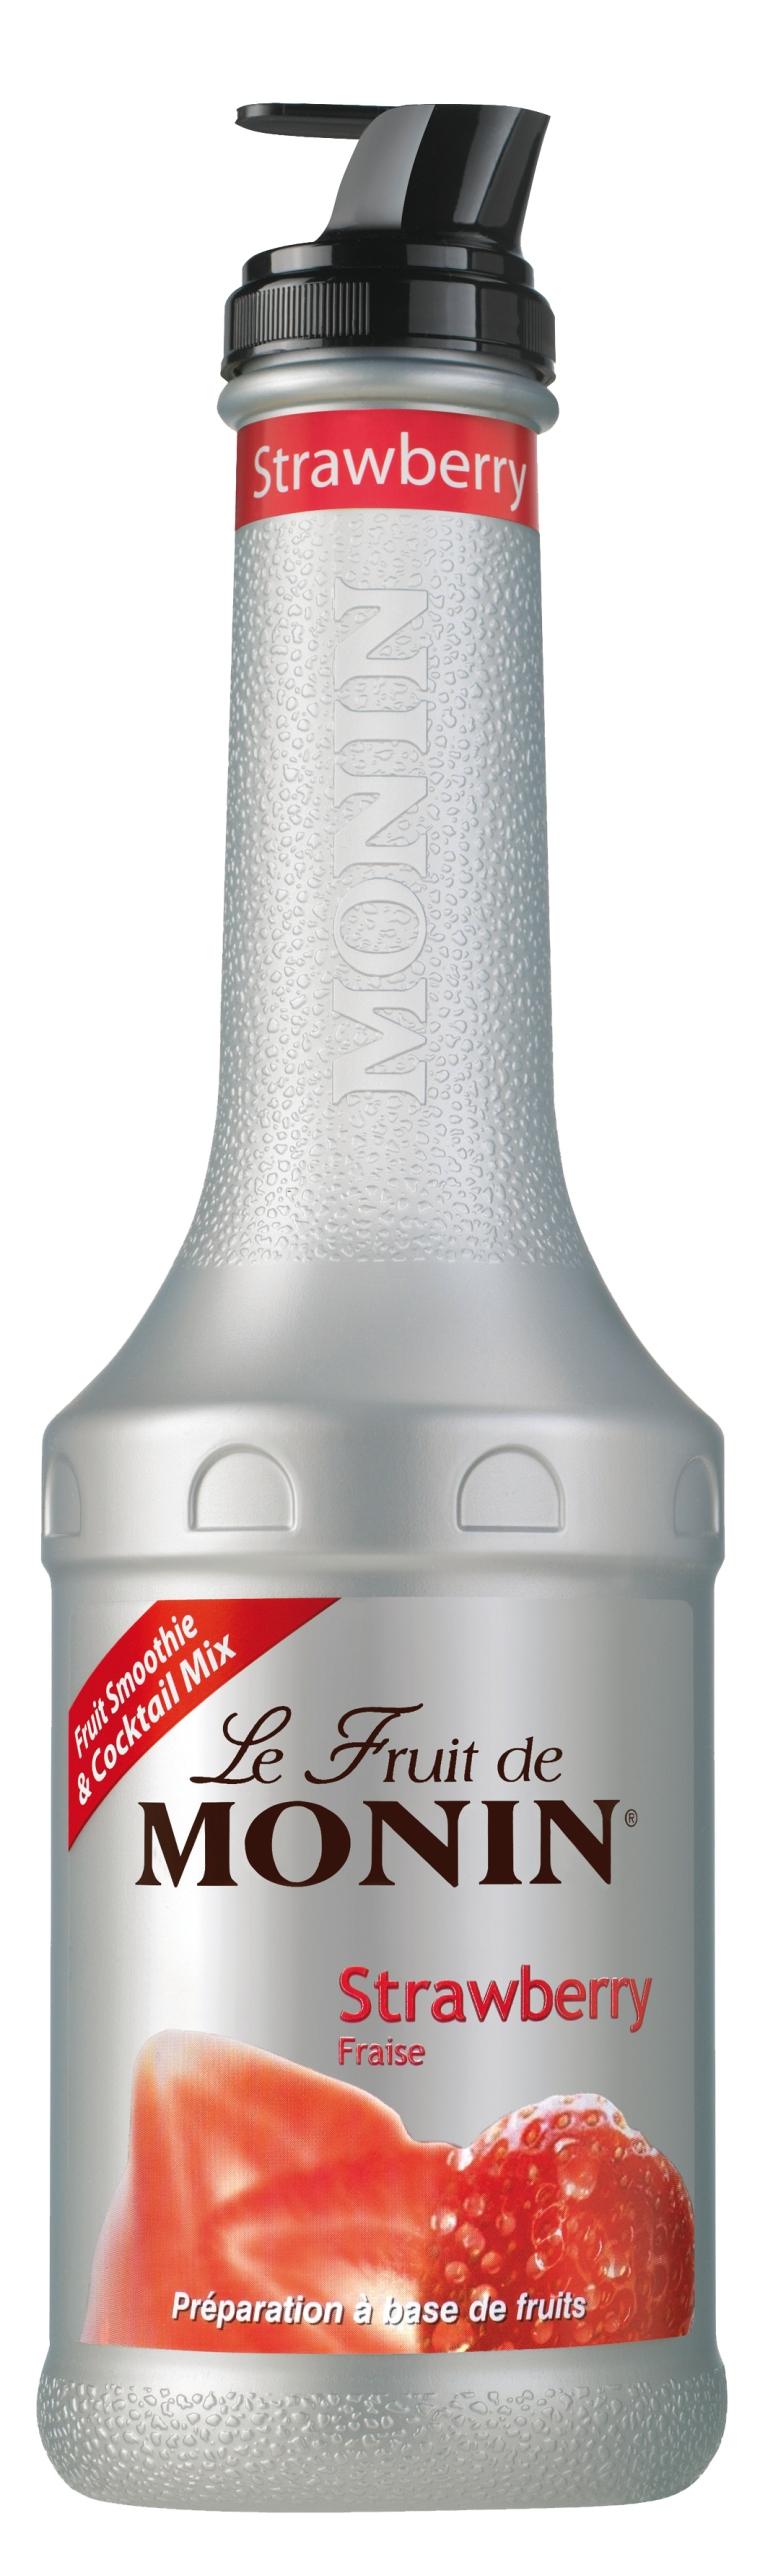 Monin pyré Jahoda jahoda Pyré